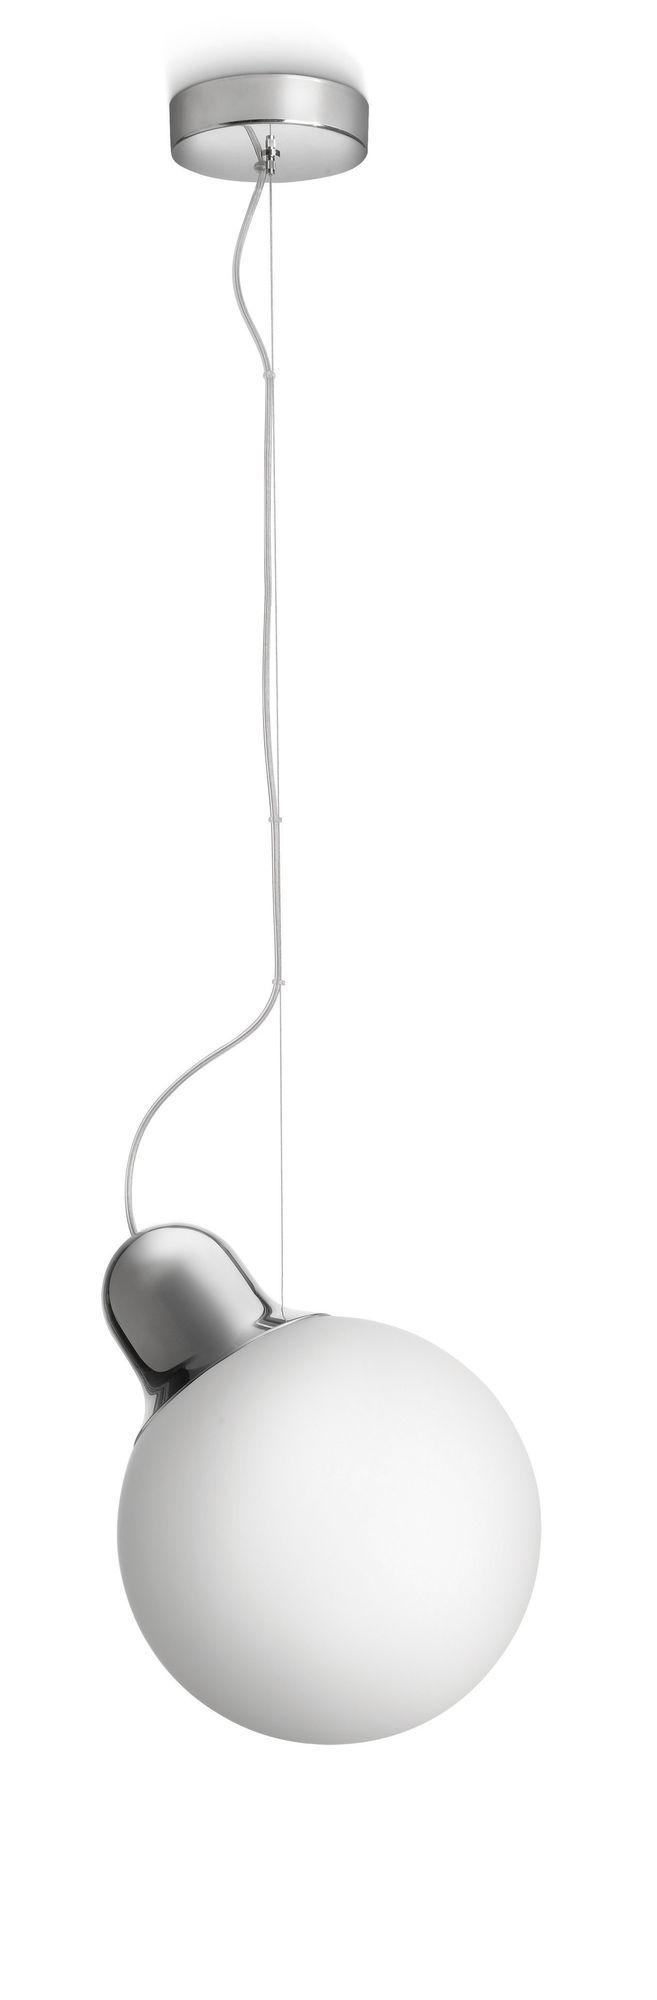 Ecomoods Hanglampen 36916/11/16 Energiezuinig